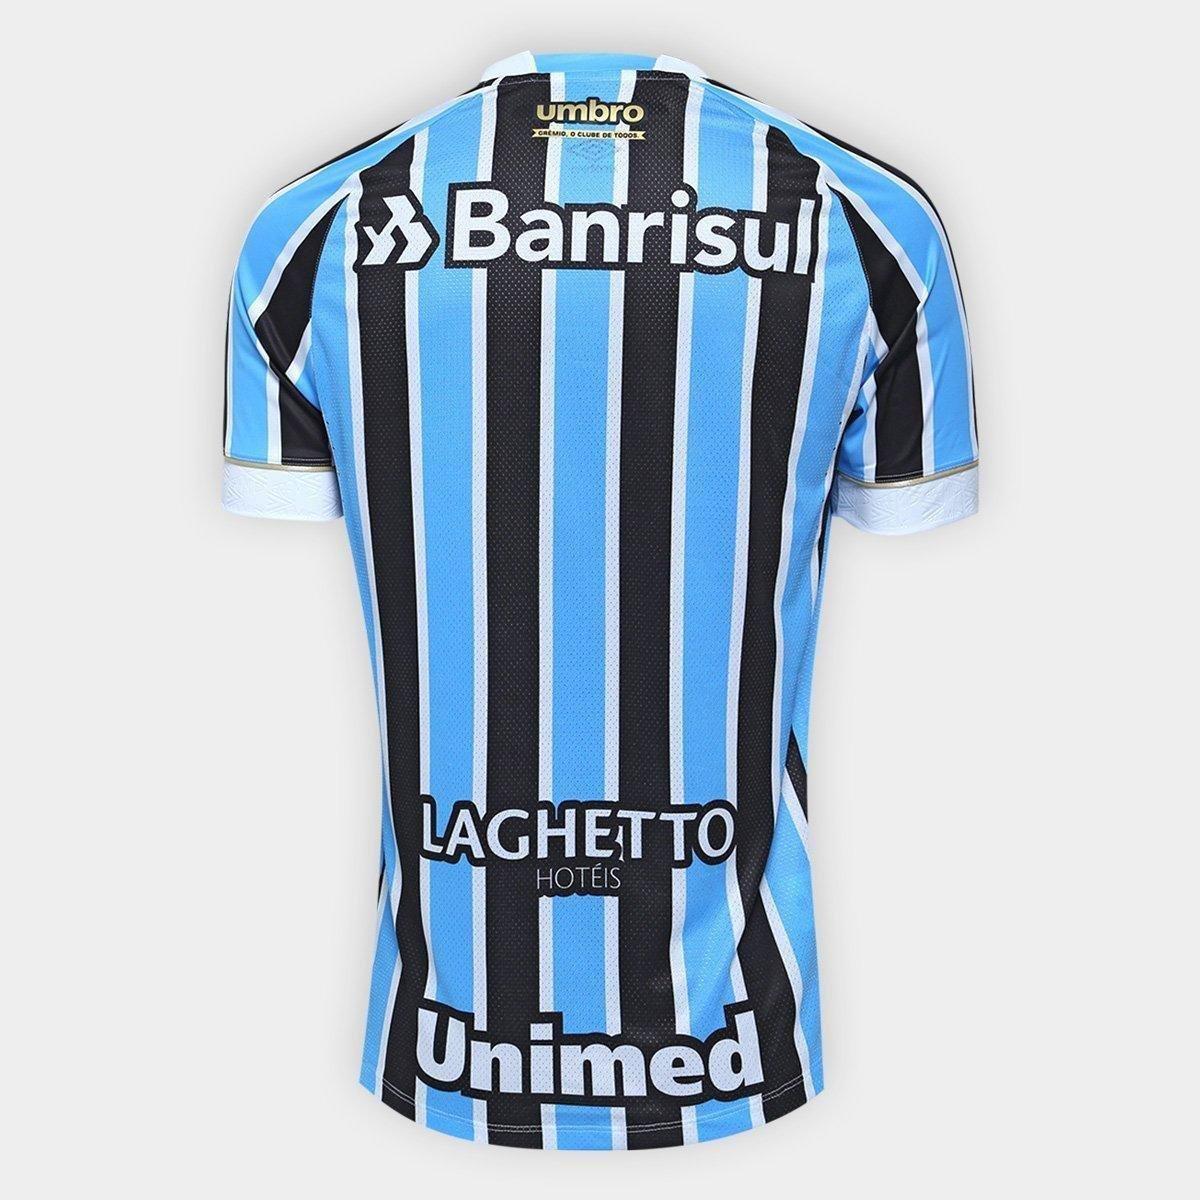 a59a8e7a0 Camisa Grêmio I 18 19 S N° Jogador Umbro Masculina